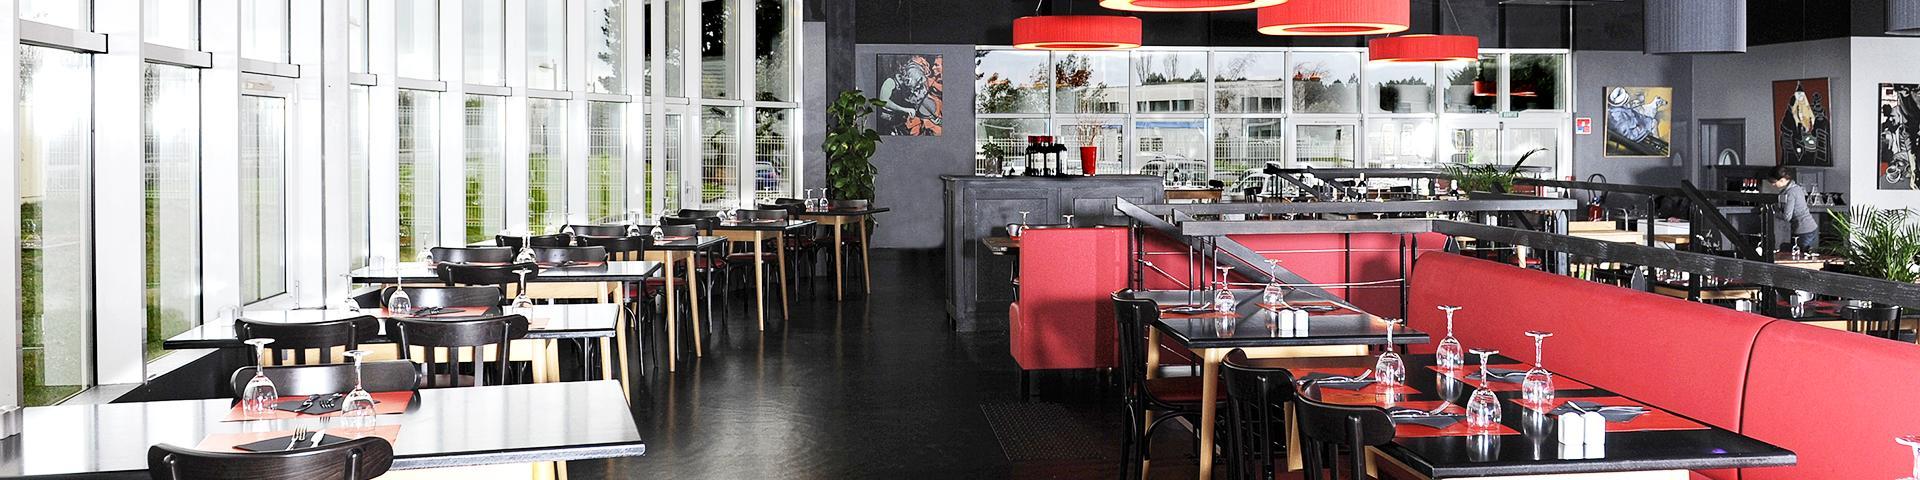 Salle de L'entrepôt : restaurant et traiteur à Lannion